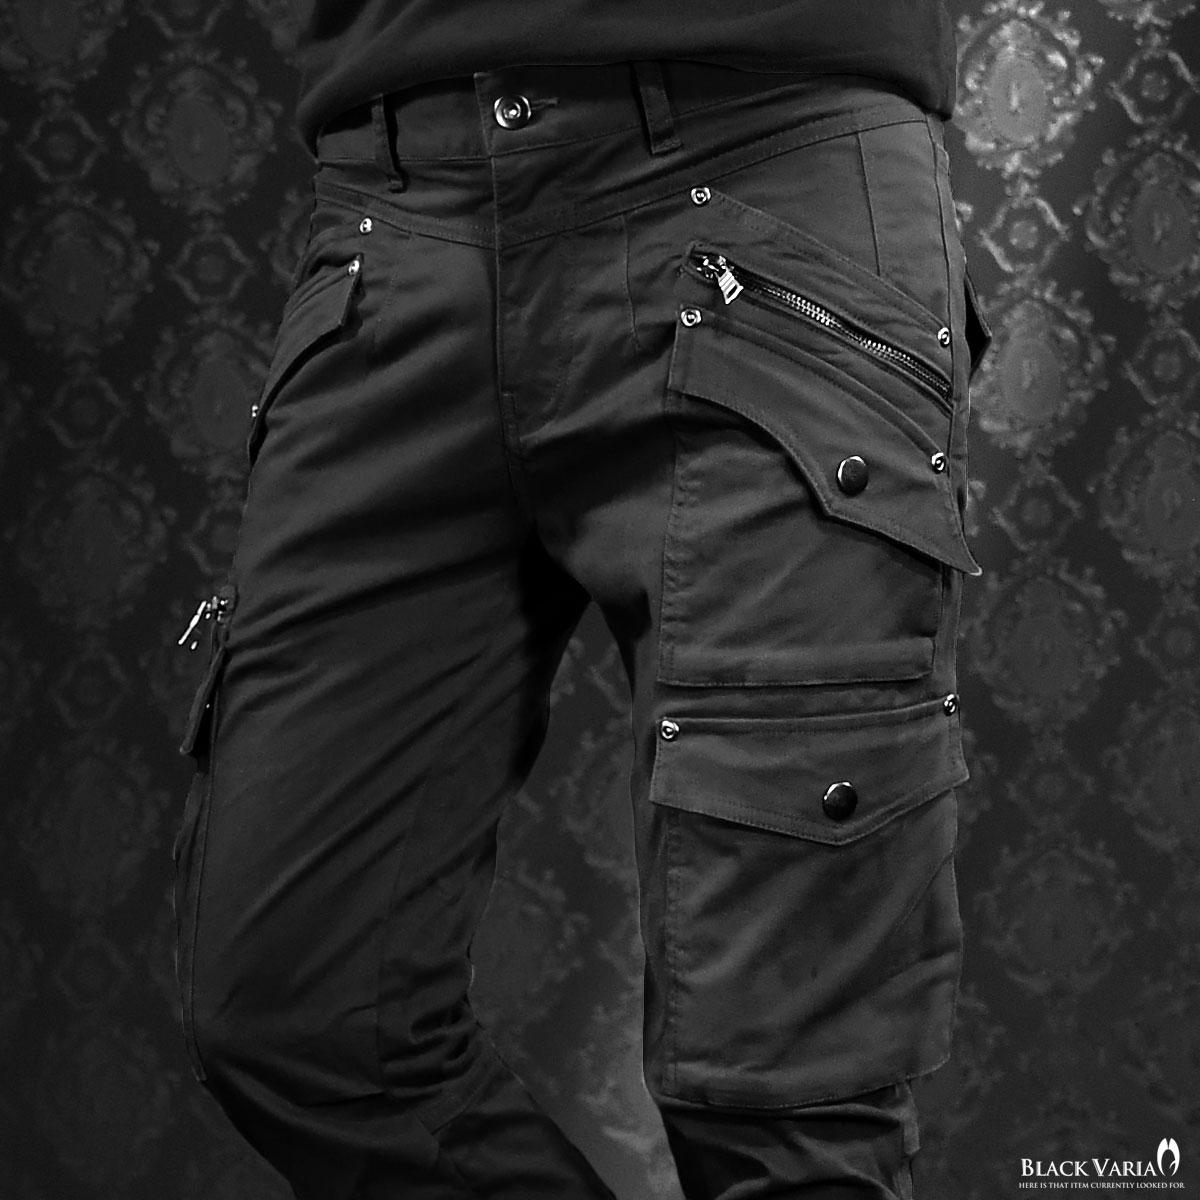 カーゴパンツ ストレッチ ポケット メンズ ファスナー ブッシュパンツ 無地 ボトムス mens(ブラック黒) 482201